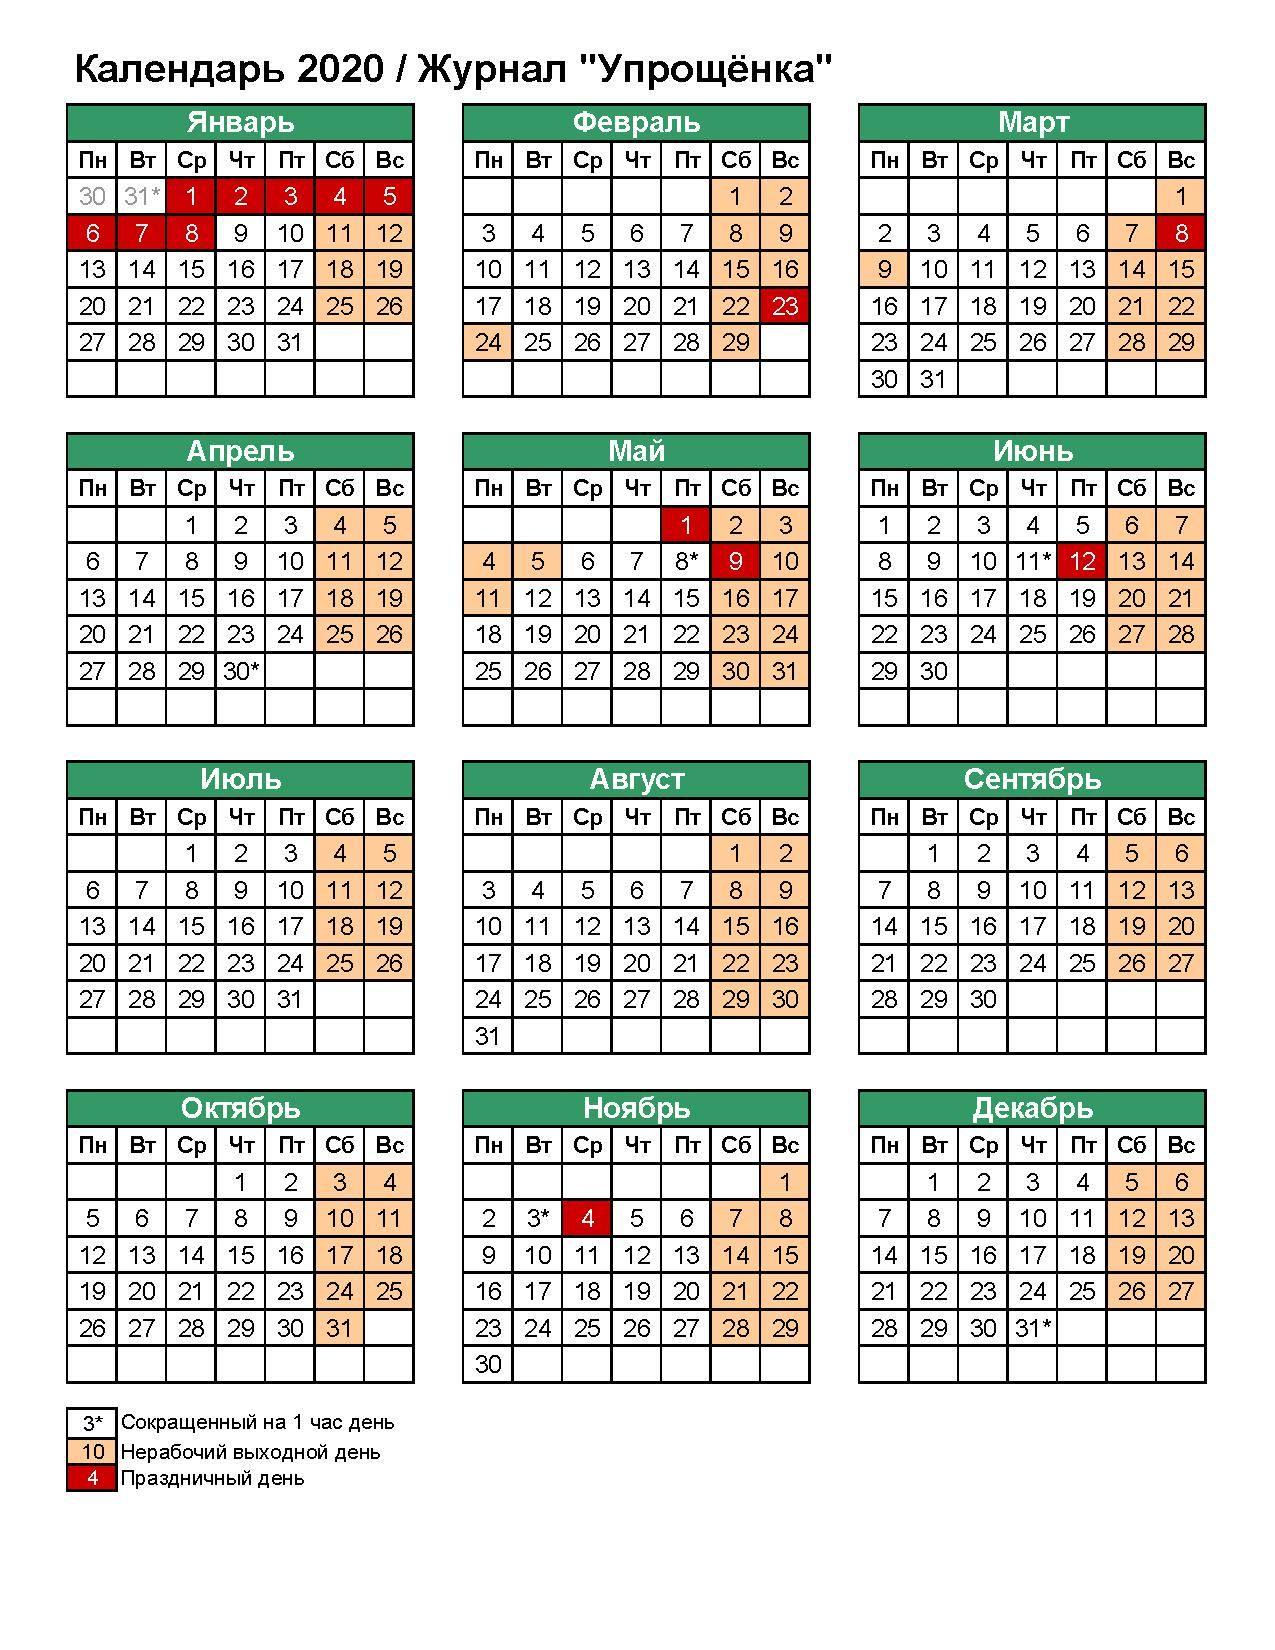 Производственный Календарь 2020 throughout Kalendar Excel 2020